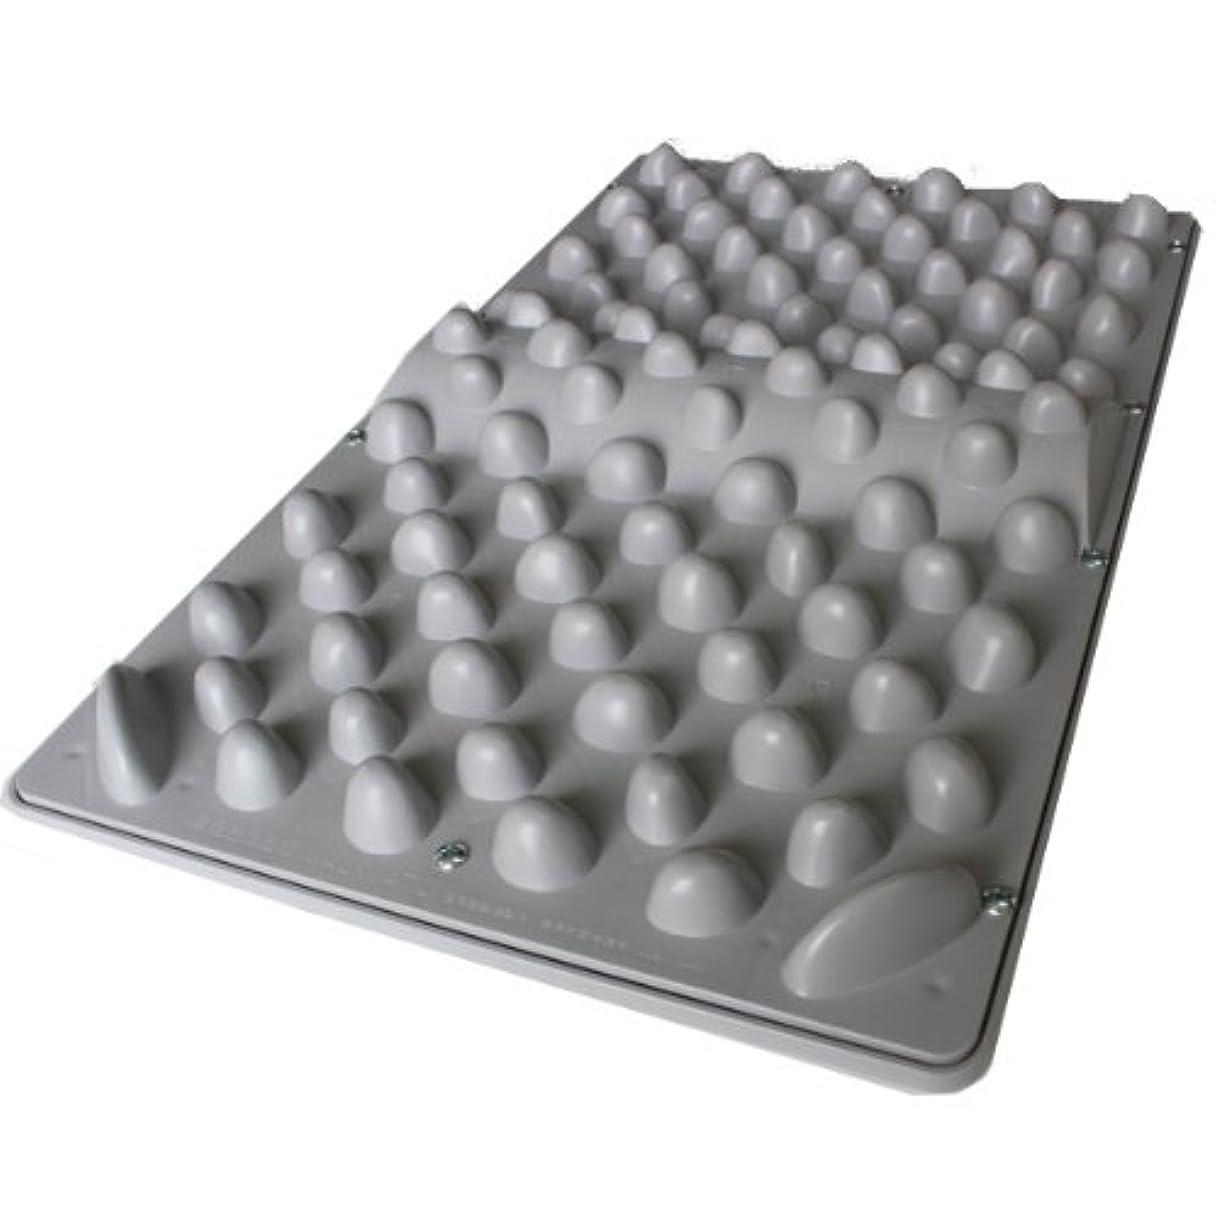 貞皮モデレータ官足法 ウォークマットⅡ 裏板セット(ABS樹脂製補強板付き)